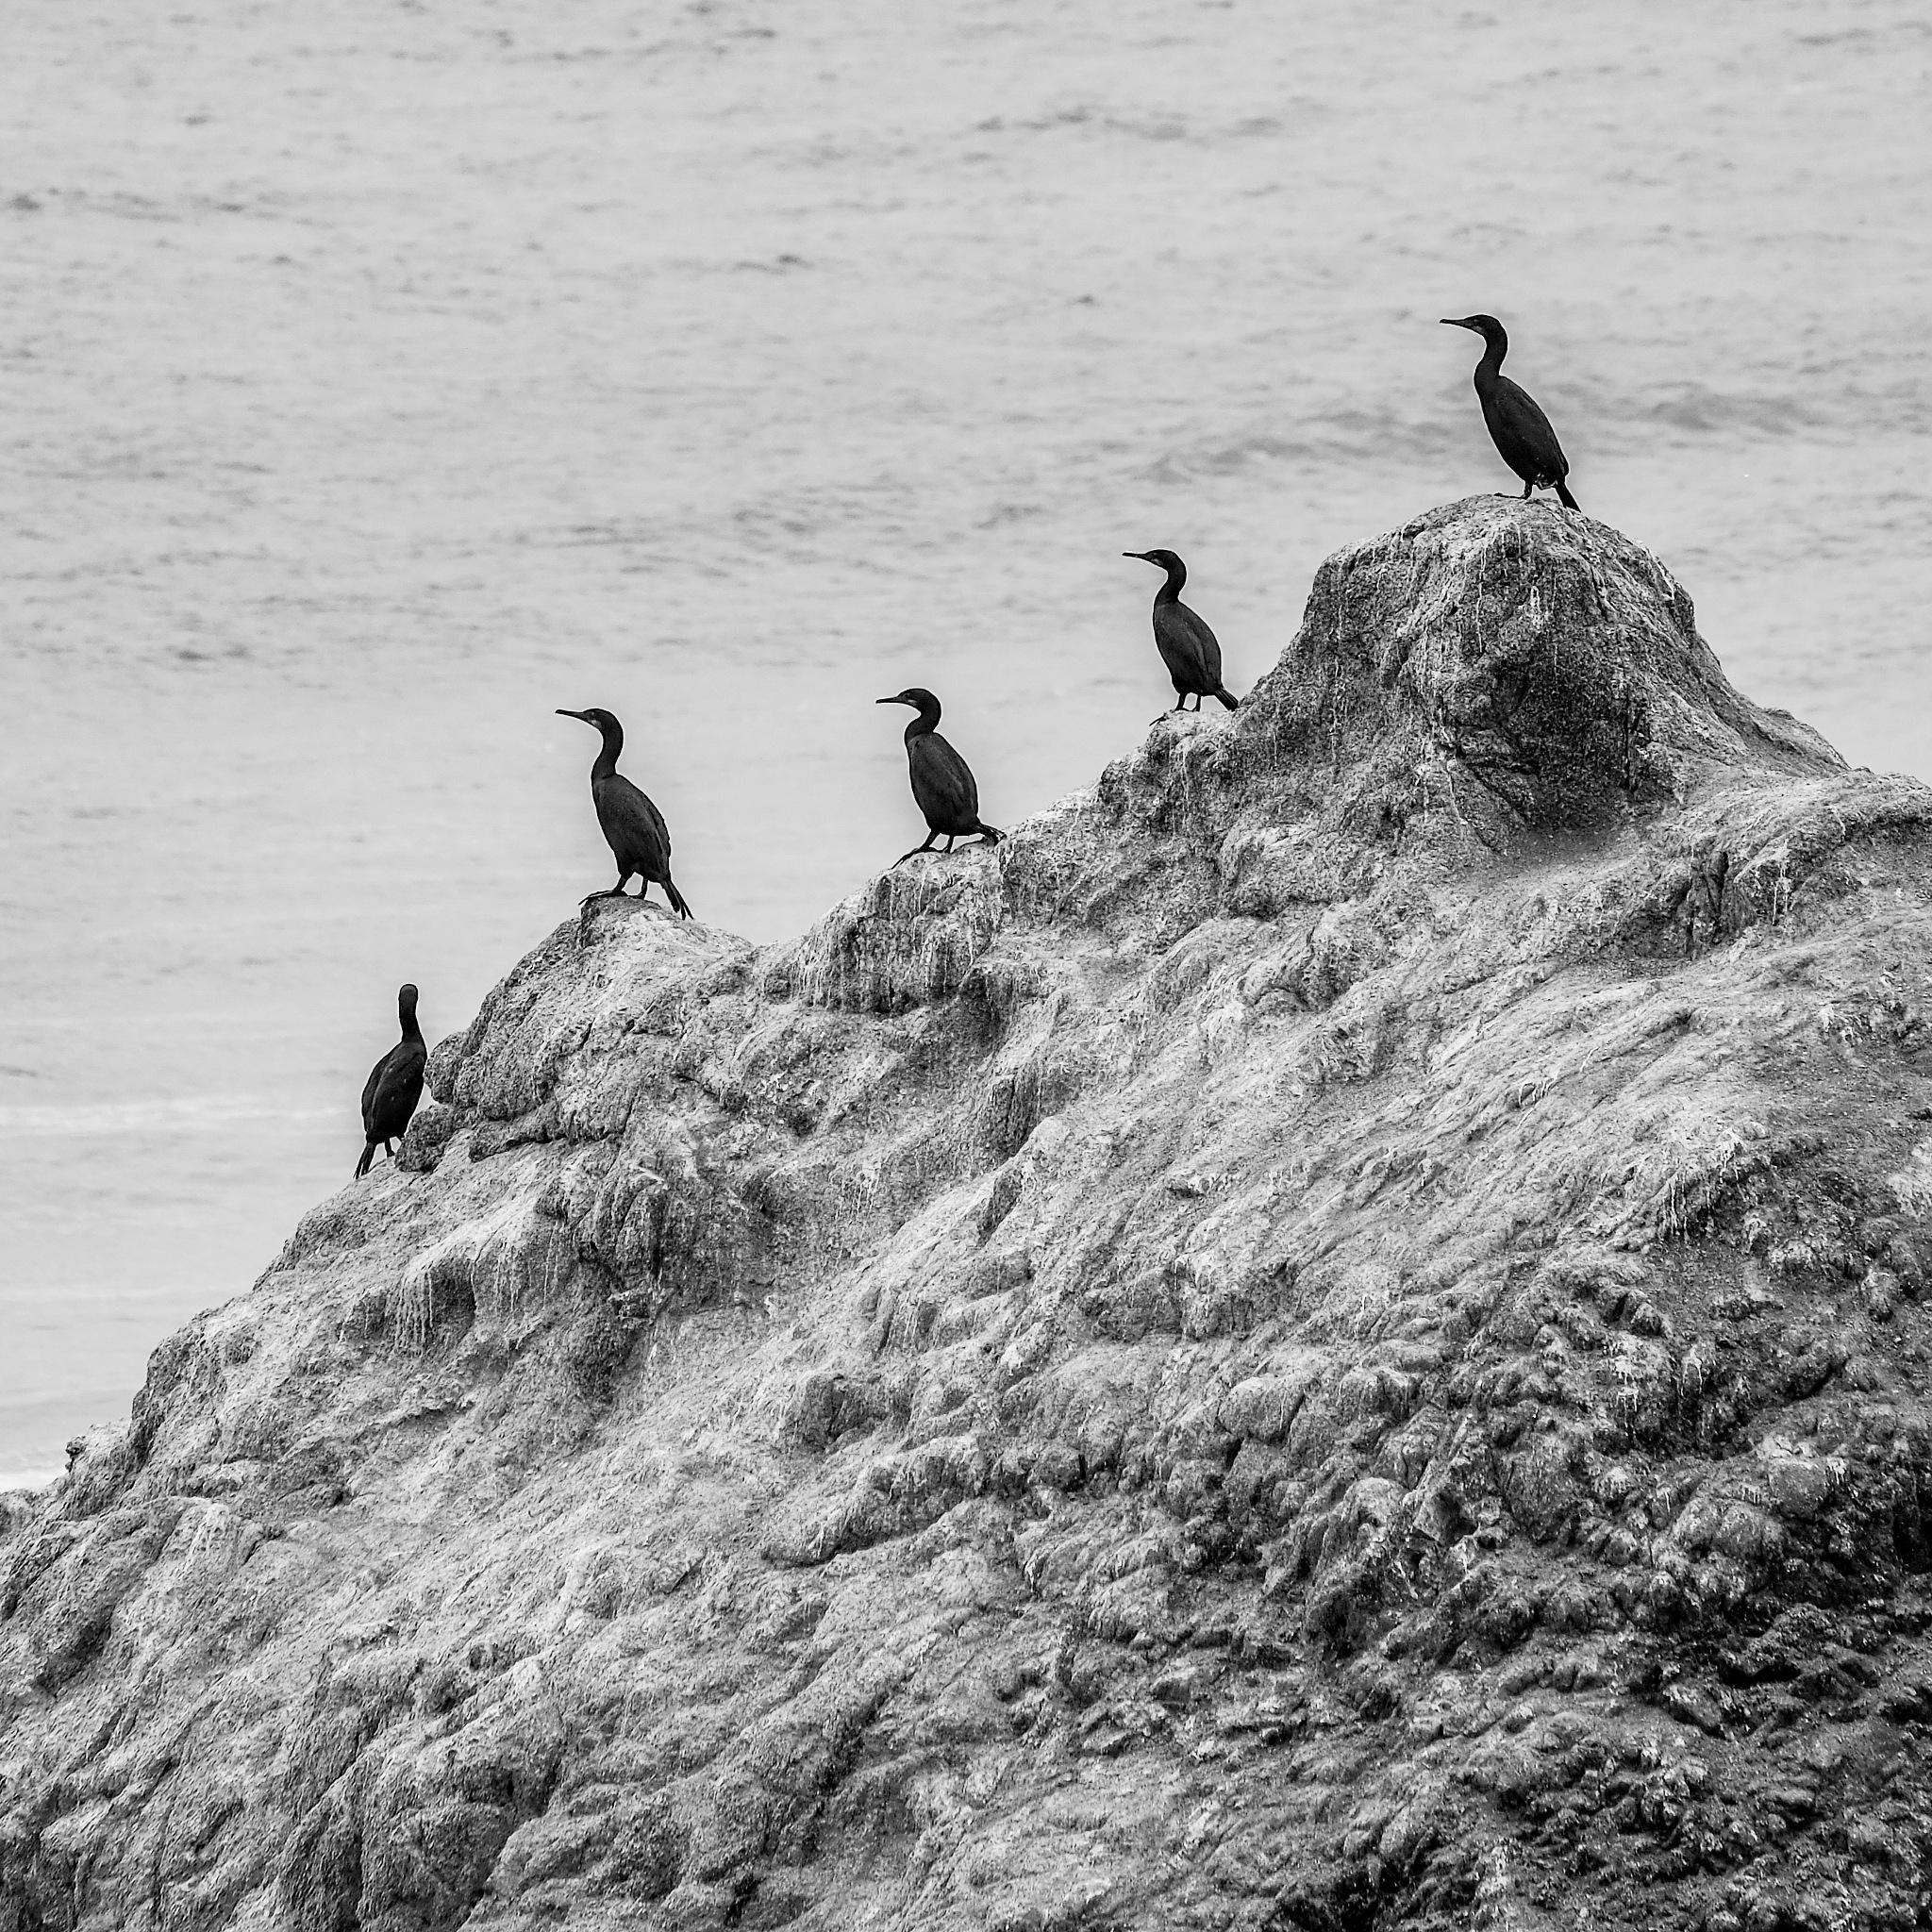 Cormorants at Bodega Head by M. Shamma